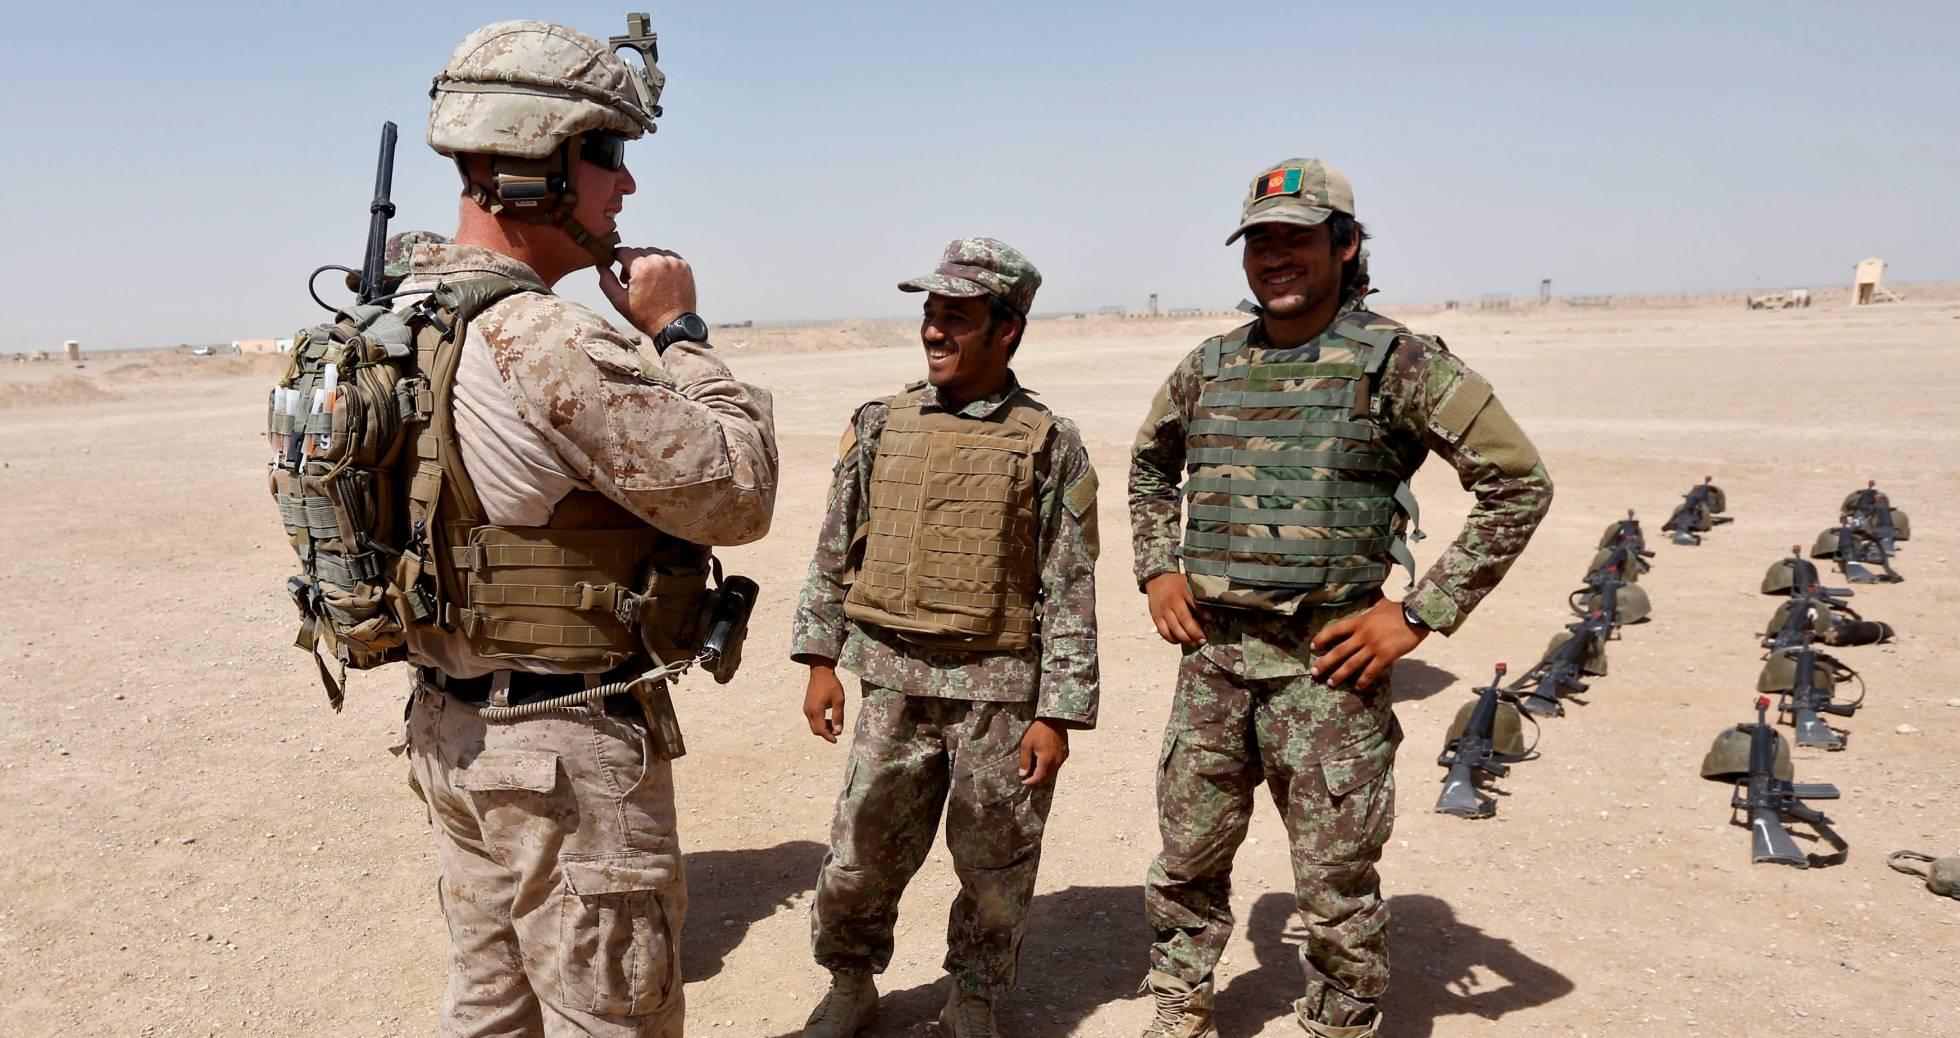 Afganistán, la guerra de nunca acabar 1499444790_265189_1499445694_noticia_normal_recorte1